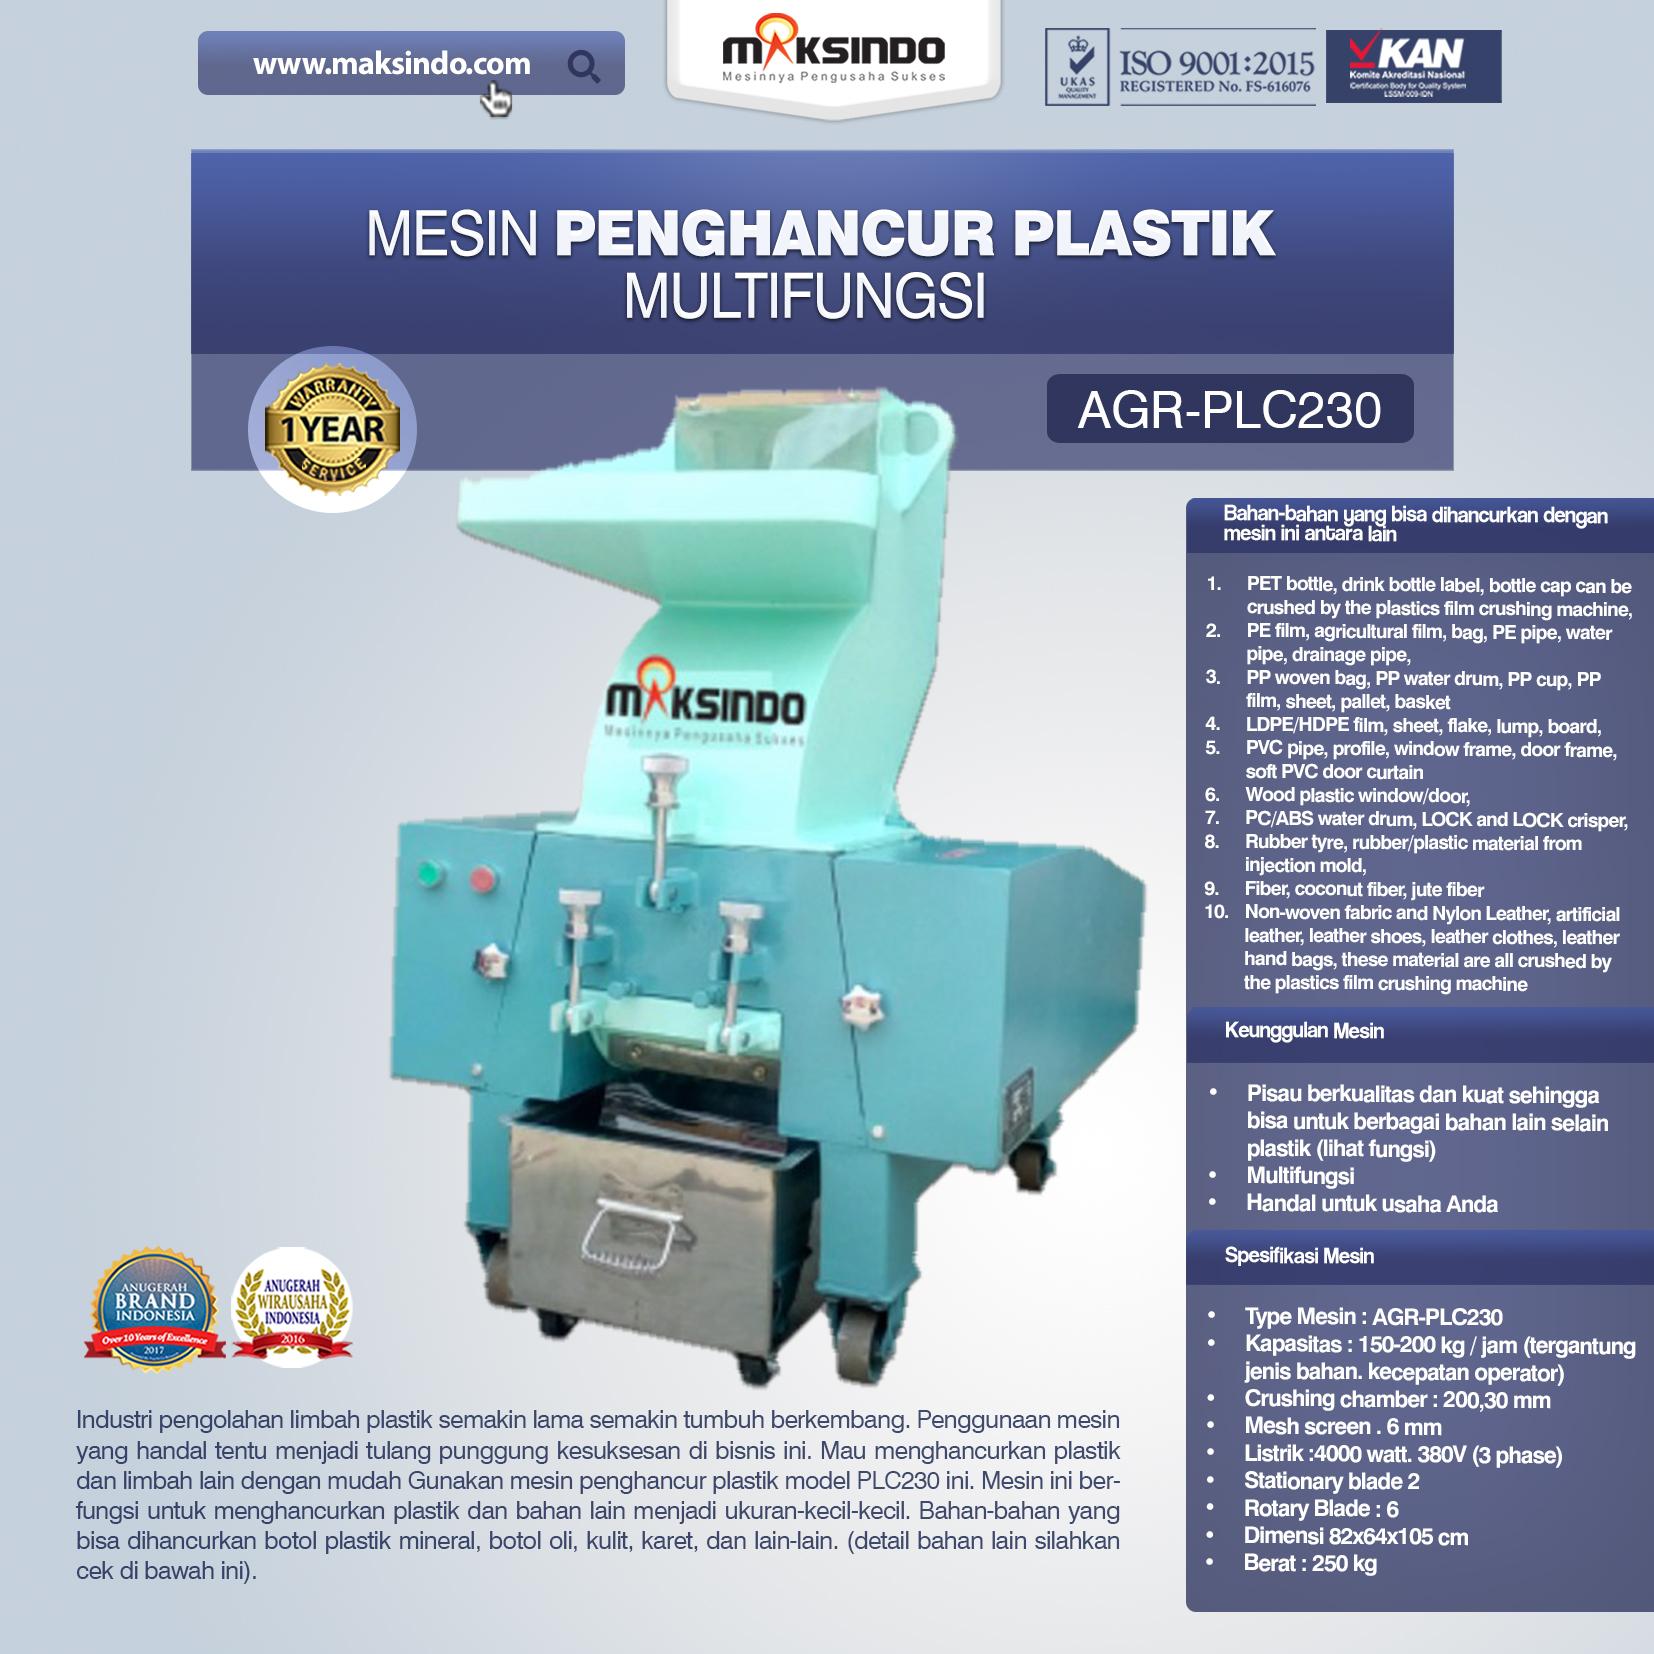 Jual Mesin Penghancur Plastik Multifungsi – PLC230 di Blitar